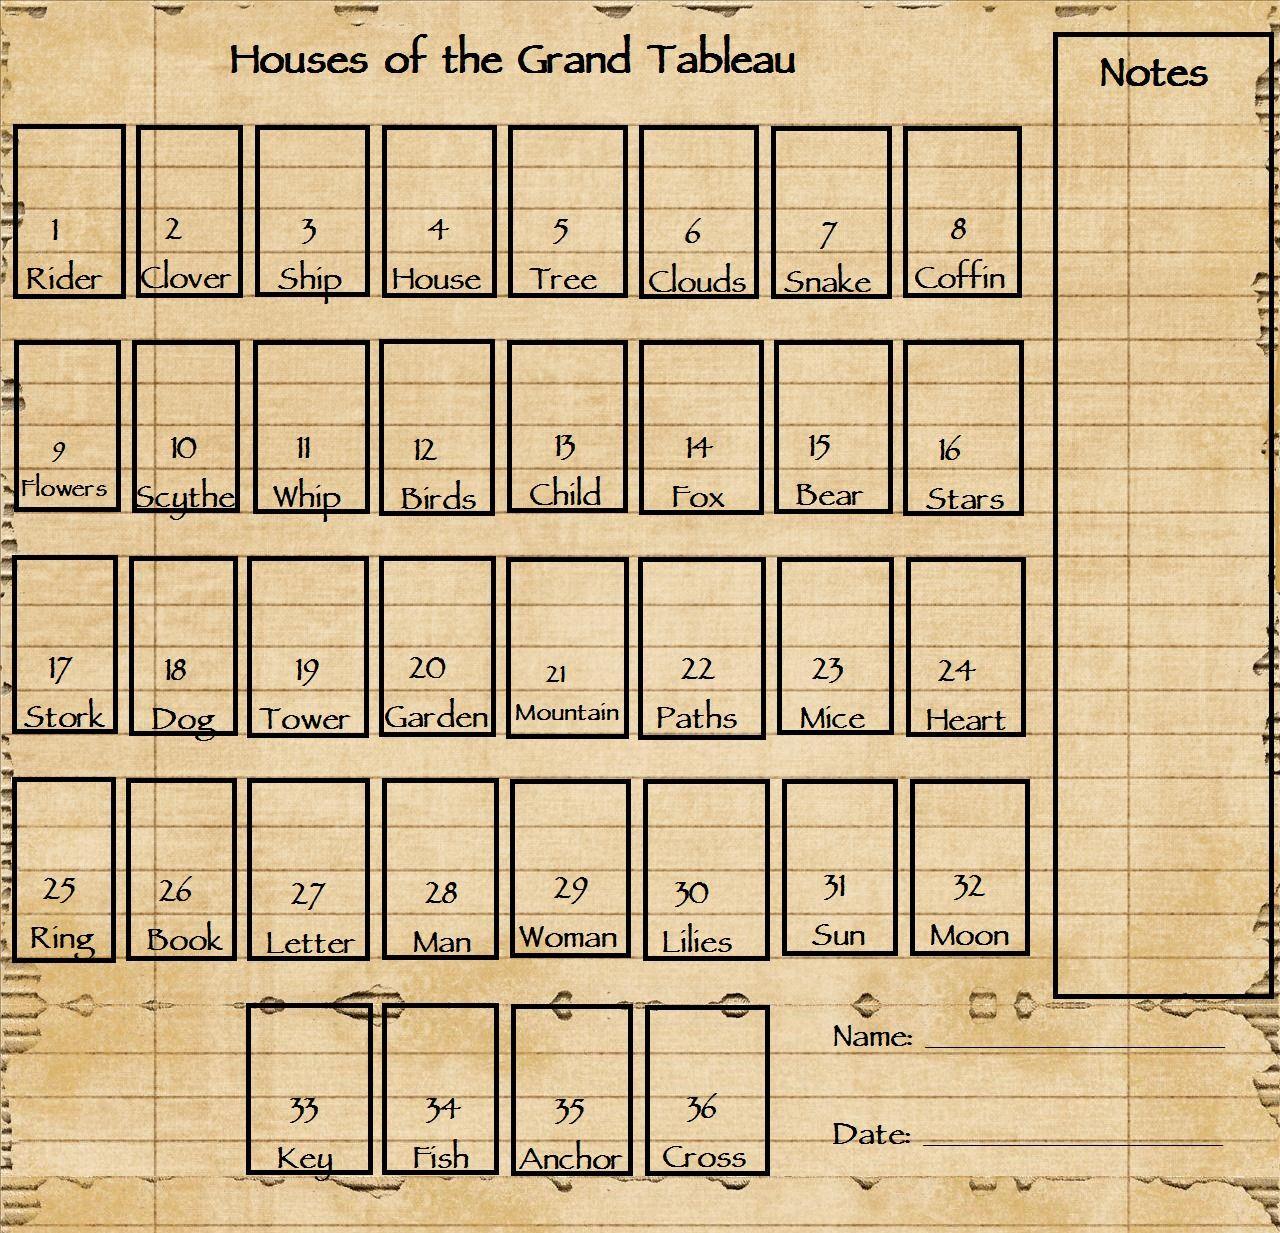 Grand Tableau Worksheet